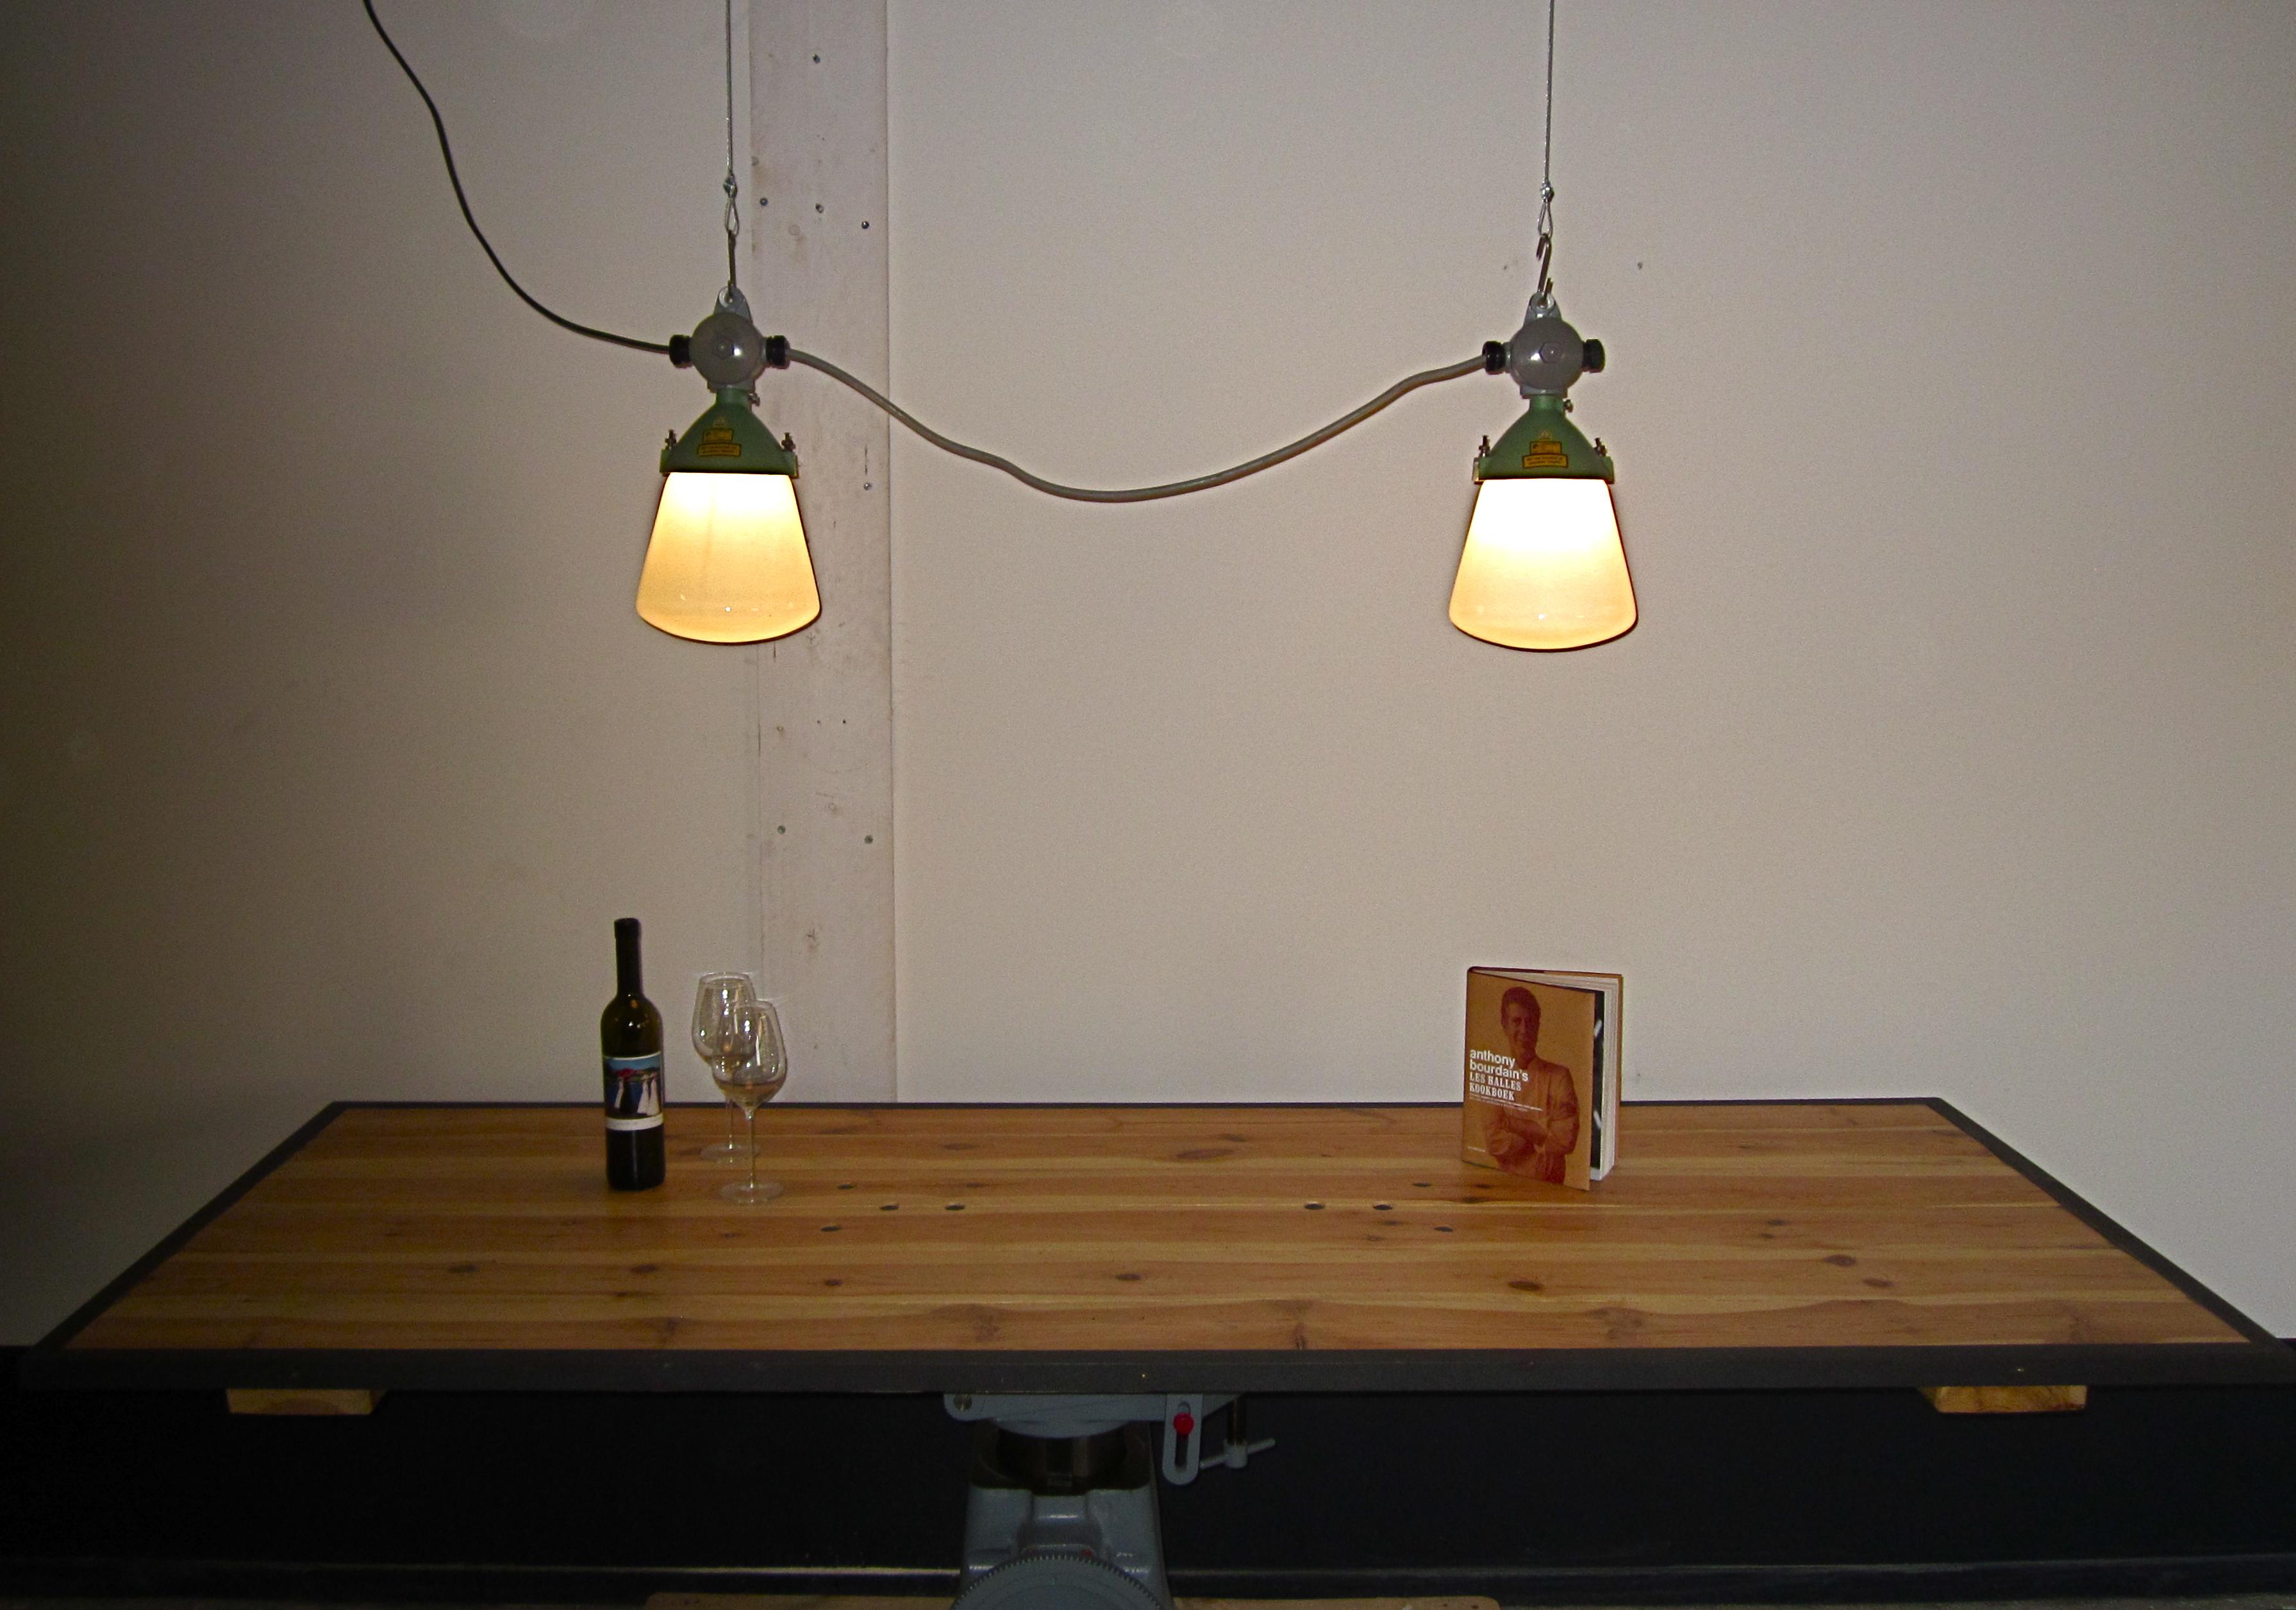 Art Deco Hanglamp : Art deco hanglamp industriële hanglamp new industrialsnew